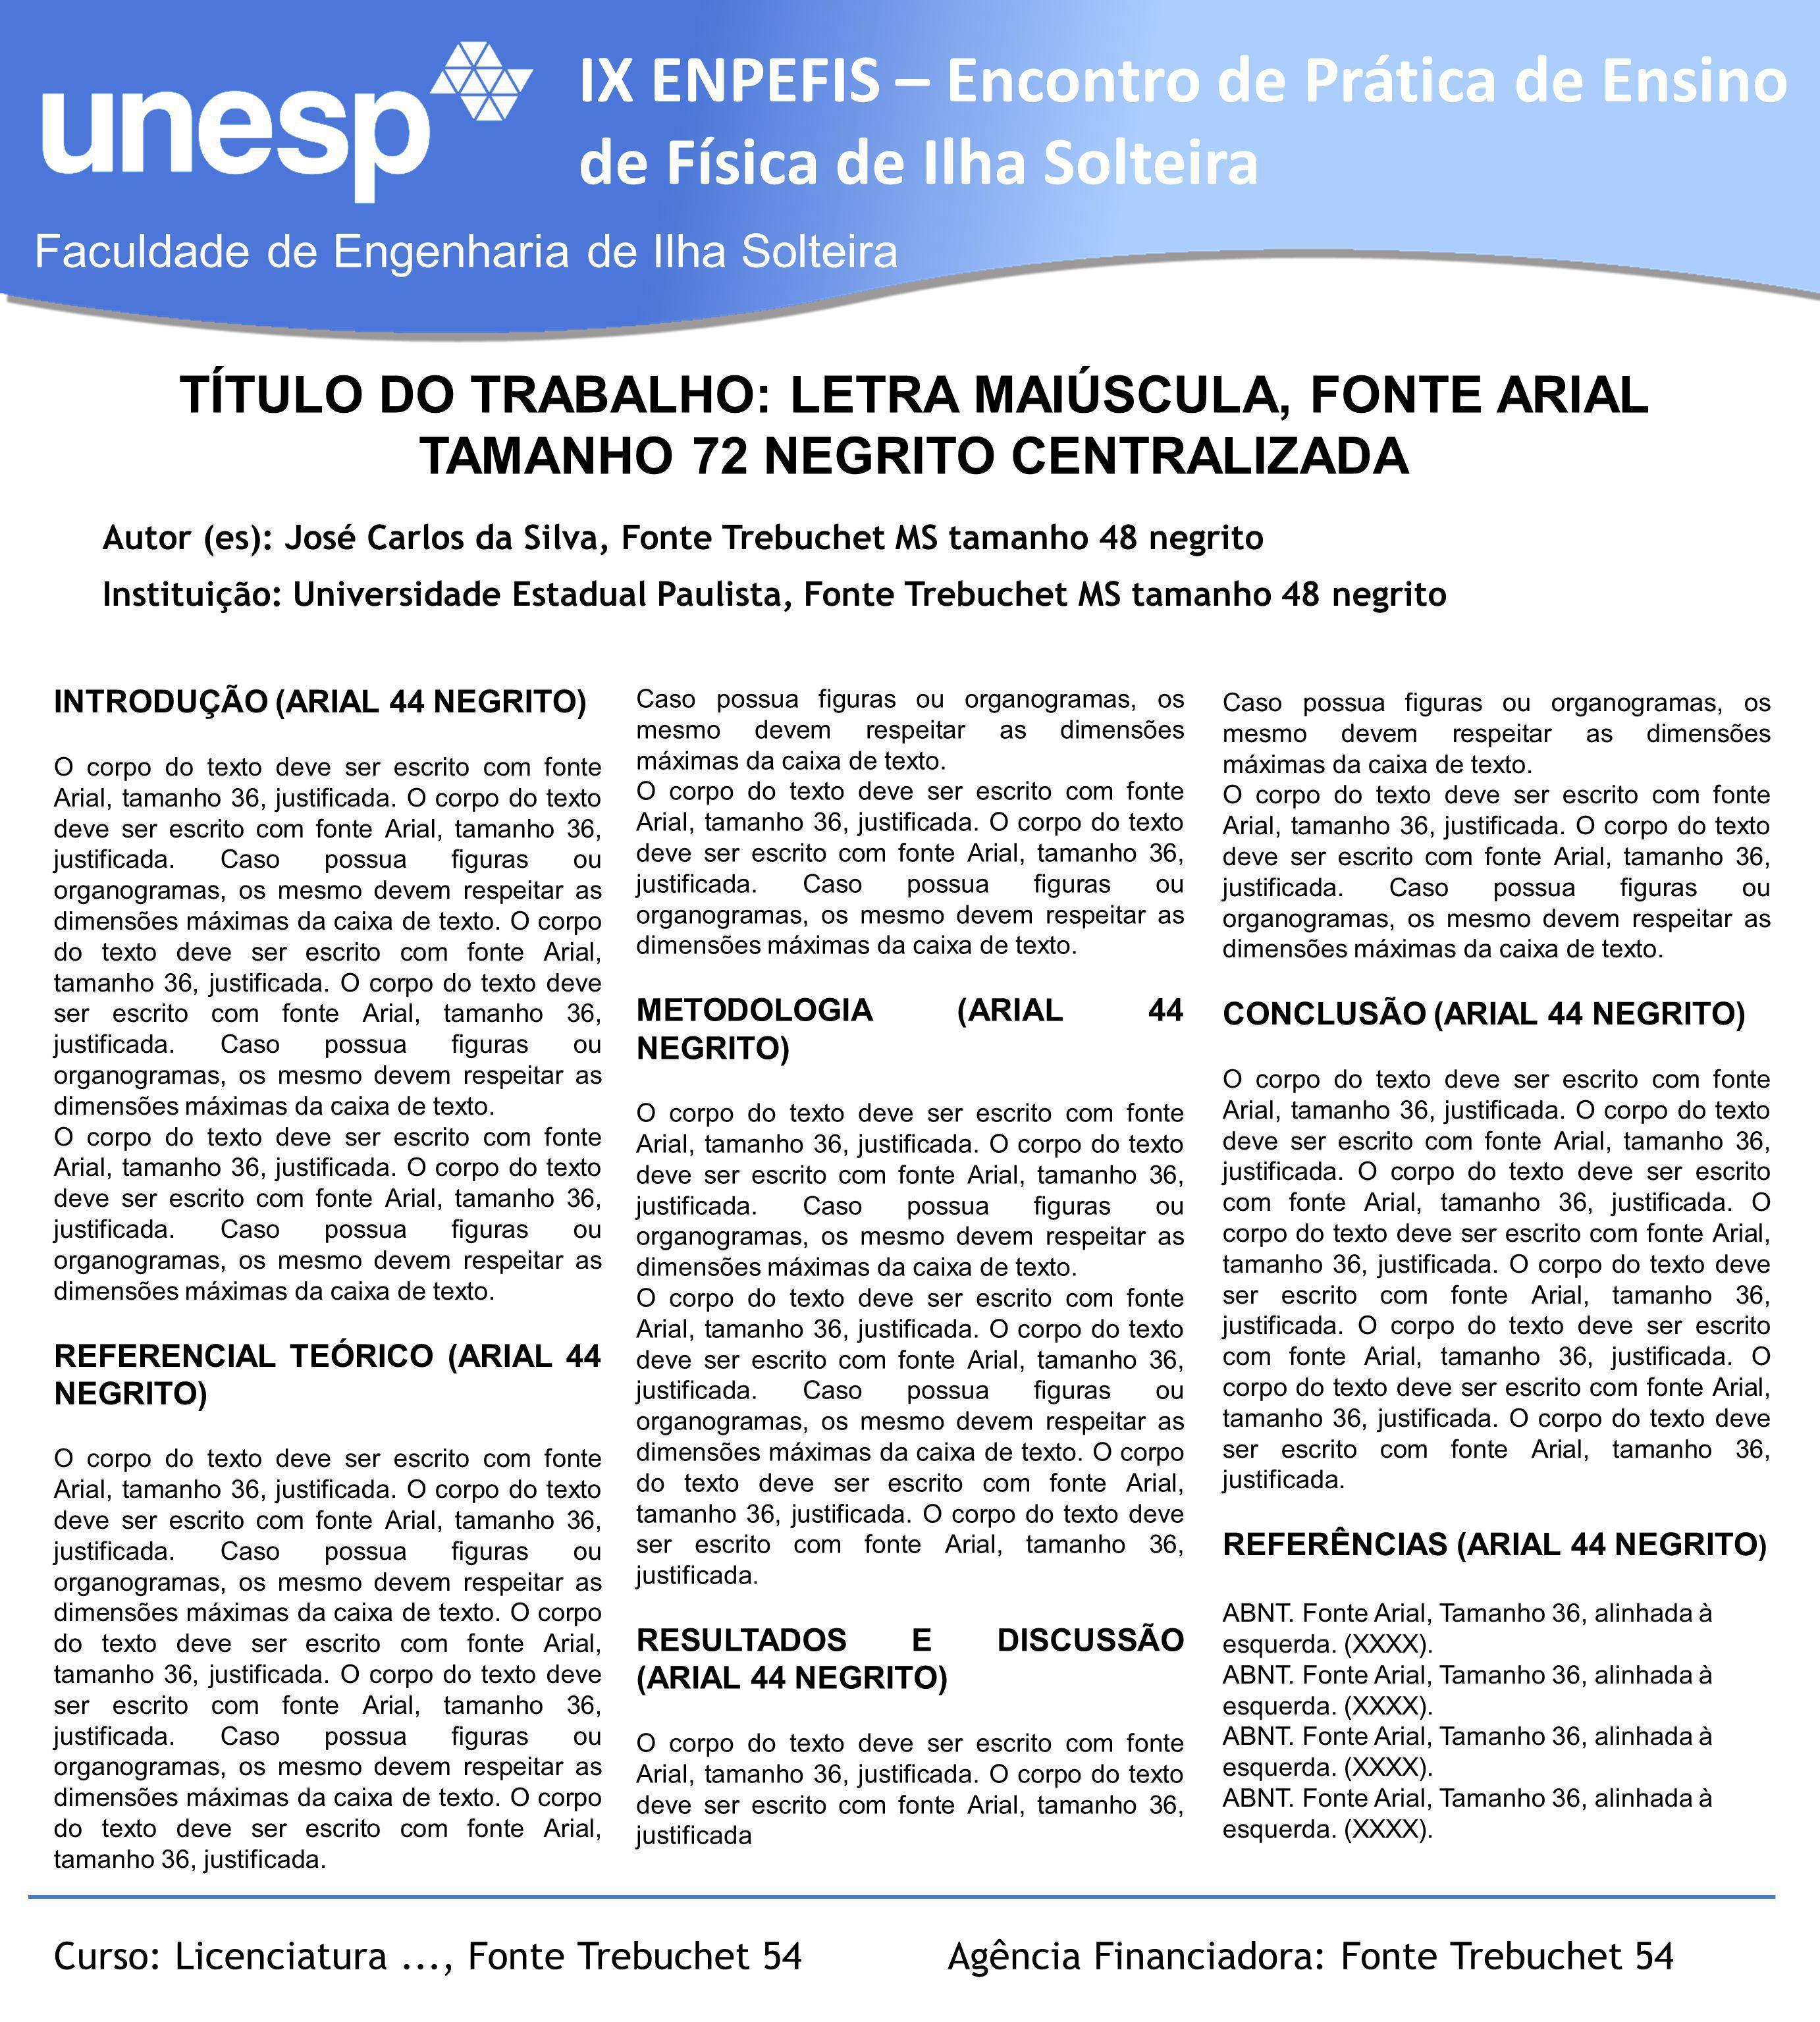 TÍTULO DO TRABALHO: LETRA MAIÚSCULA, FONTE ARIAL TAMANHO 72 NEGRITO CENTRALIZADA